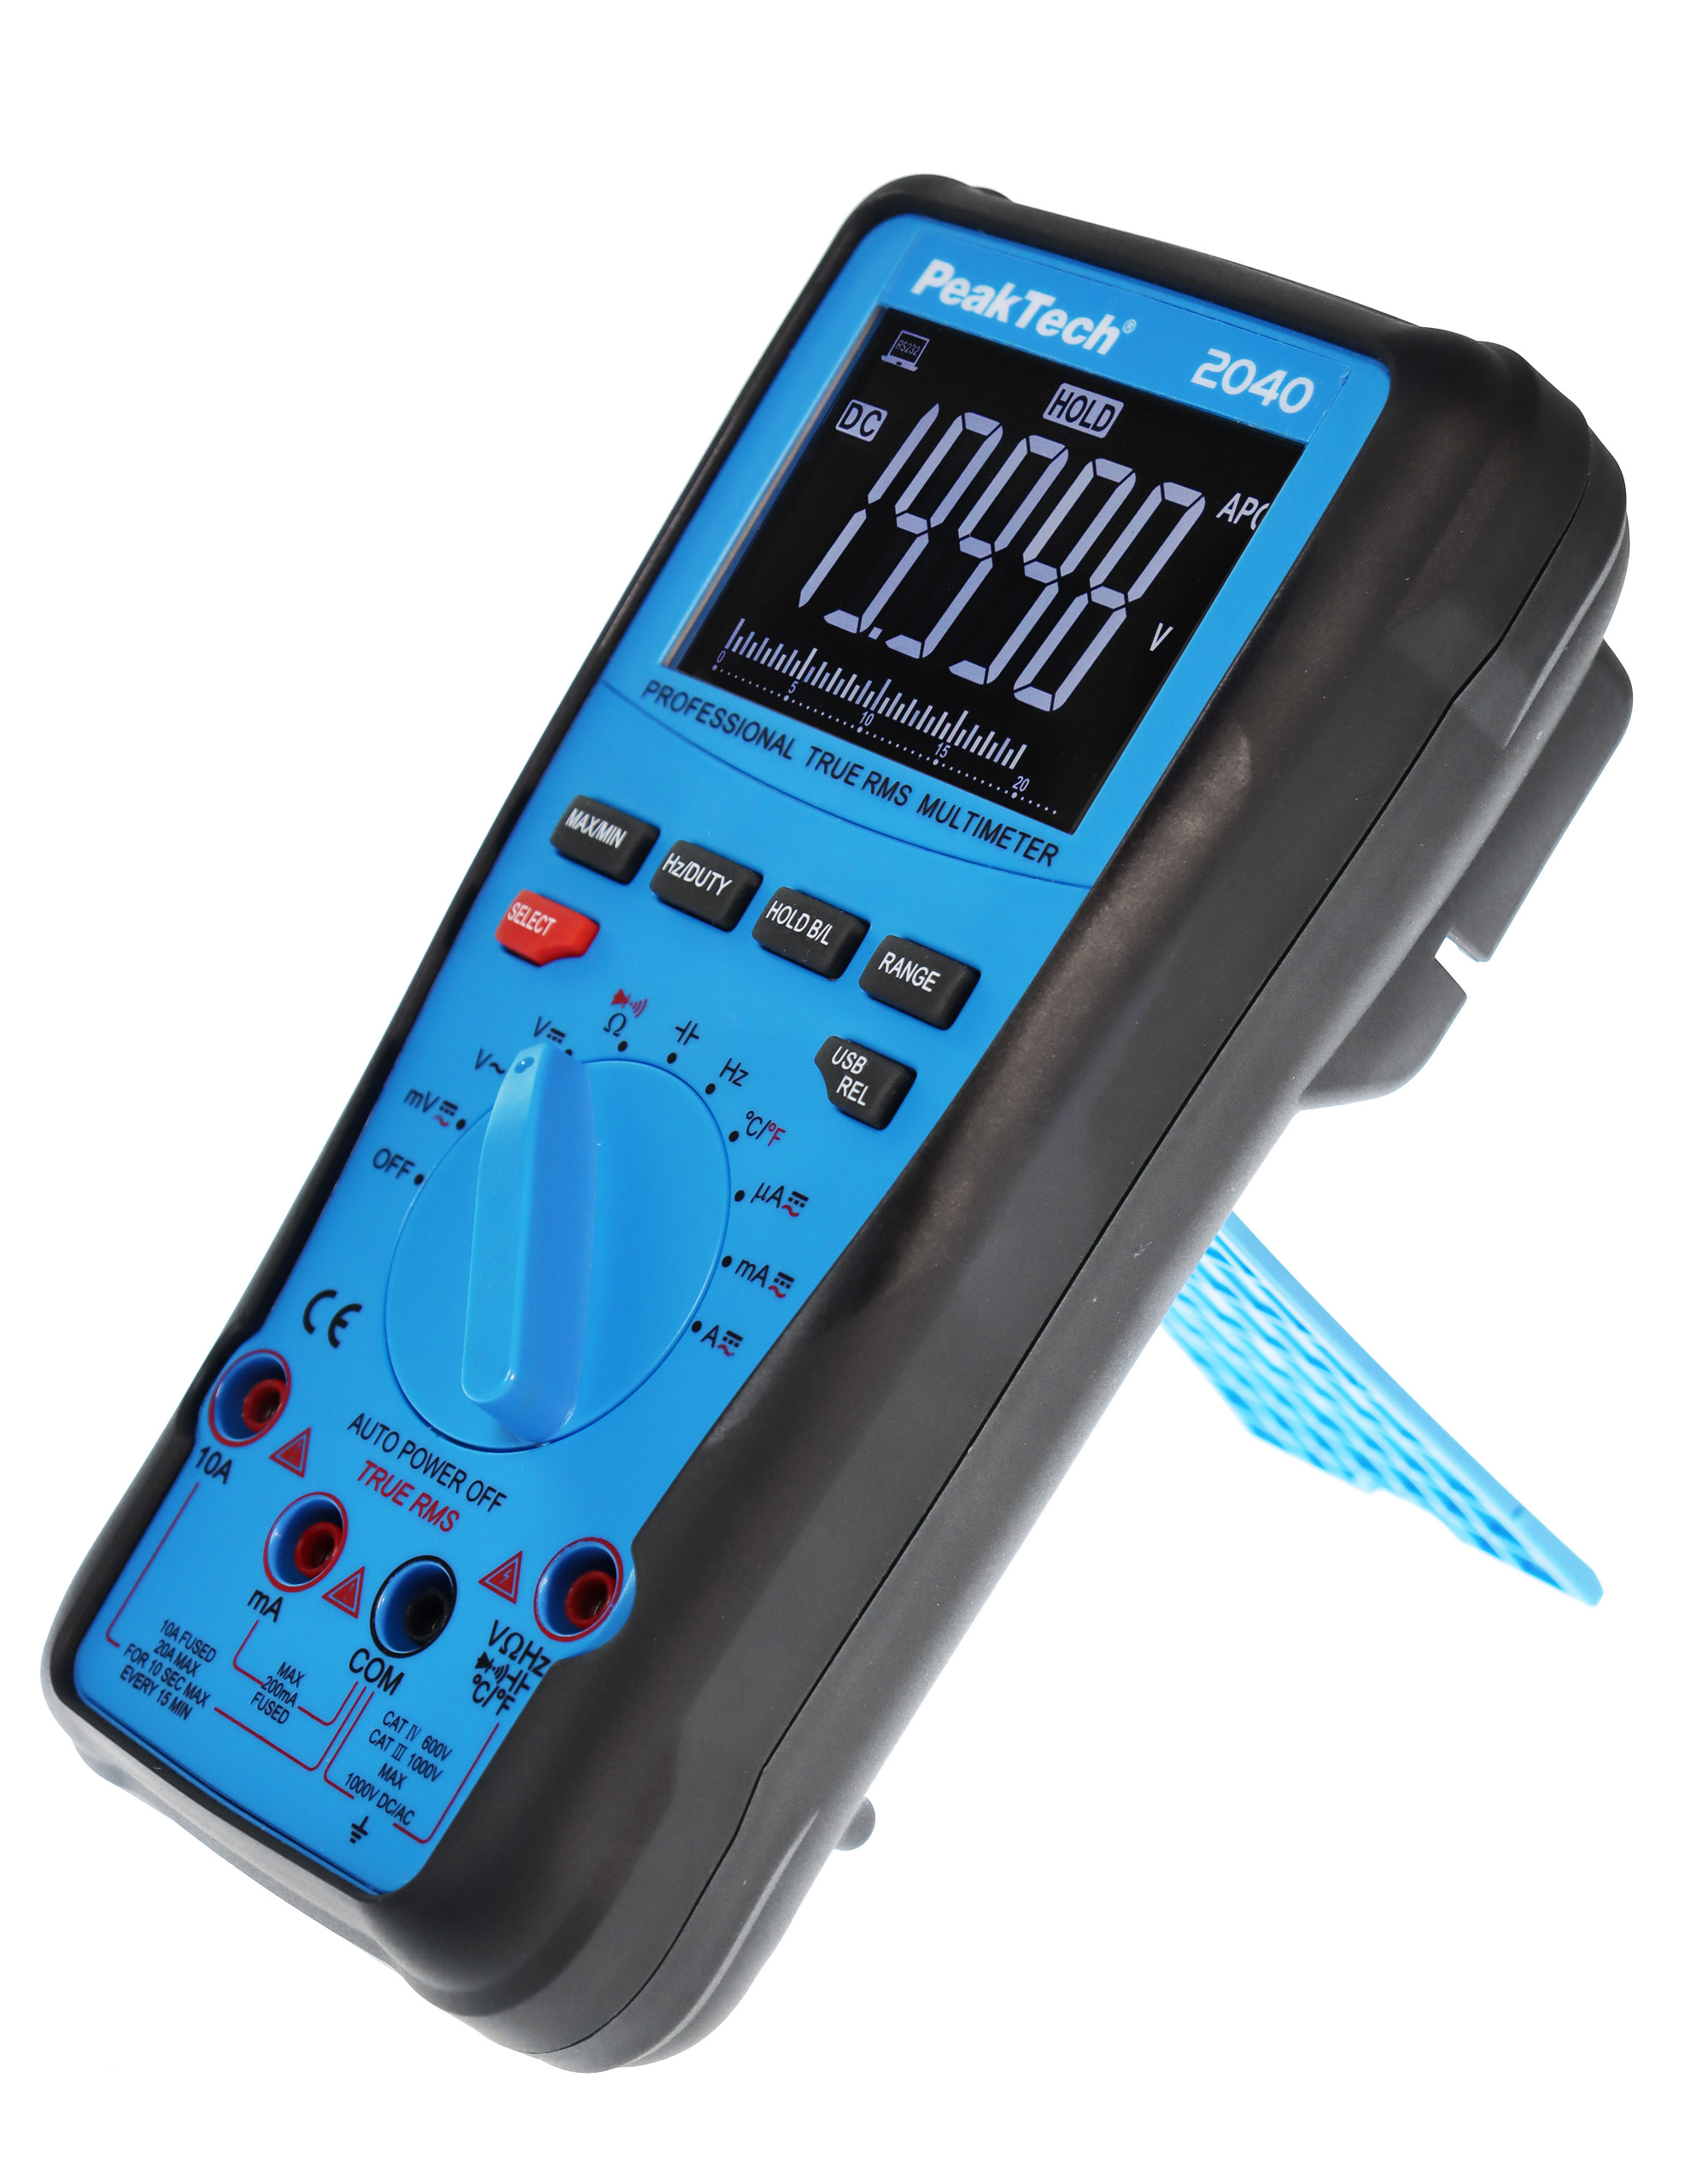 «PeakTech® P 2040» True RMS 1000V Digitalmultimeter 20000 Counts, USB